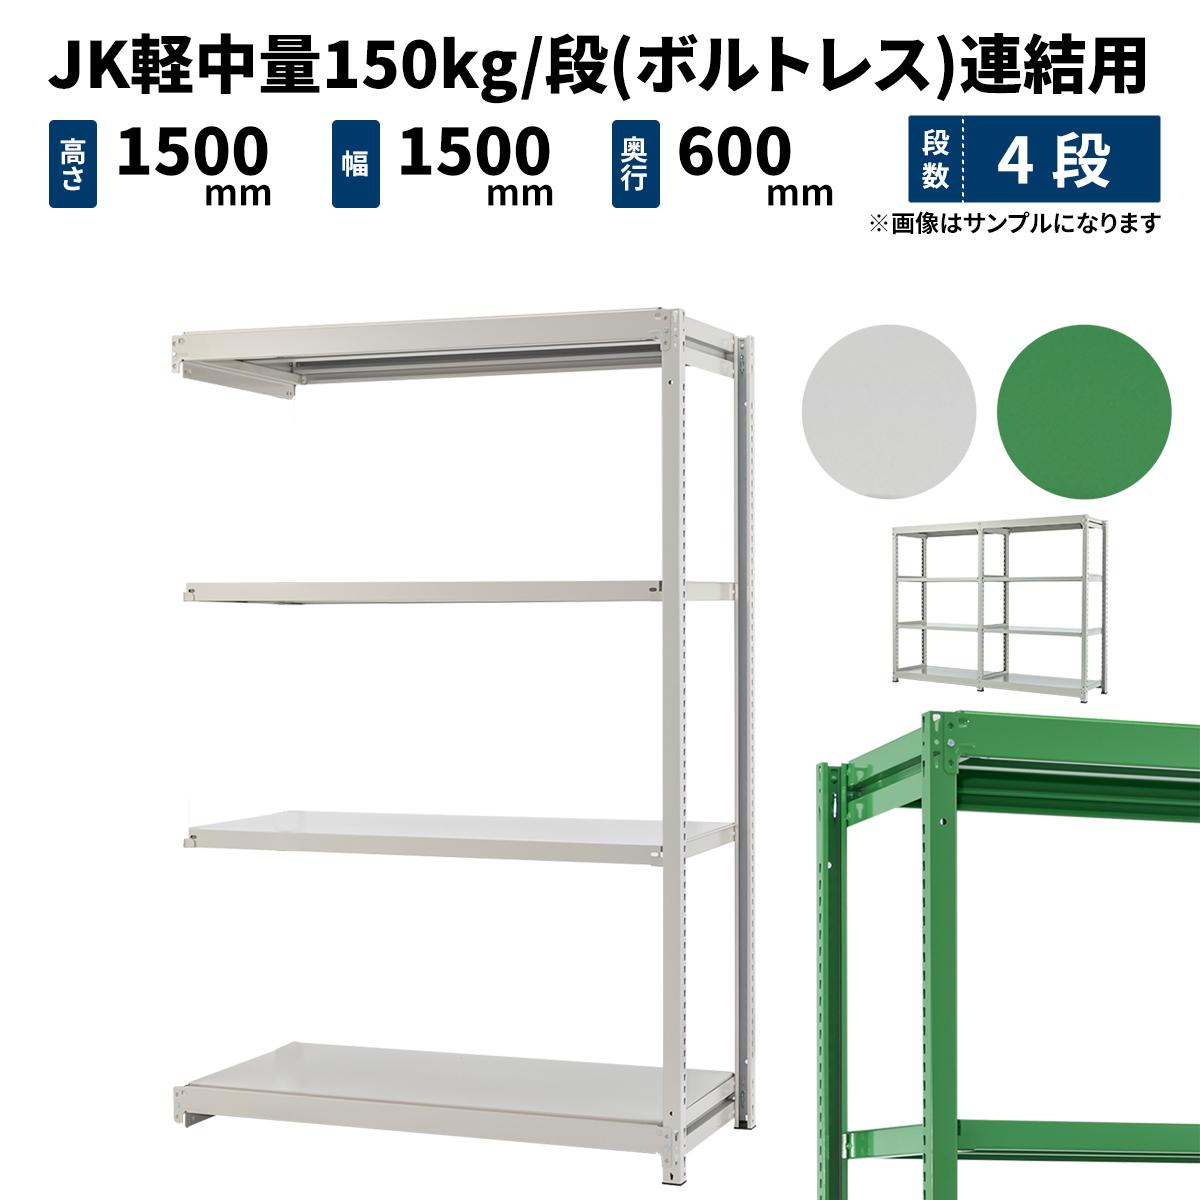 スチールラック 業務用 JK軽中量150kg/段(ボルトレス) 連結形式 高さ1500×幅1500×奥行600mm 4段 ホワイトグレー/グリーン (42kg) JK150_R-151506-4